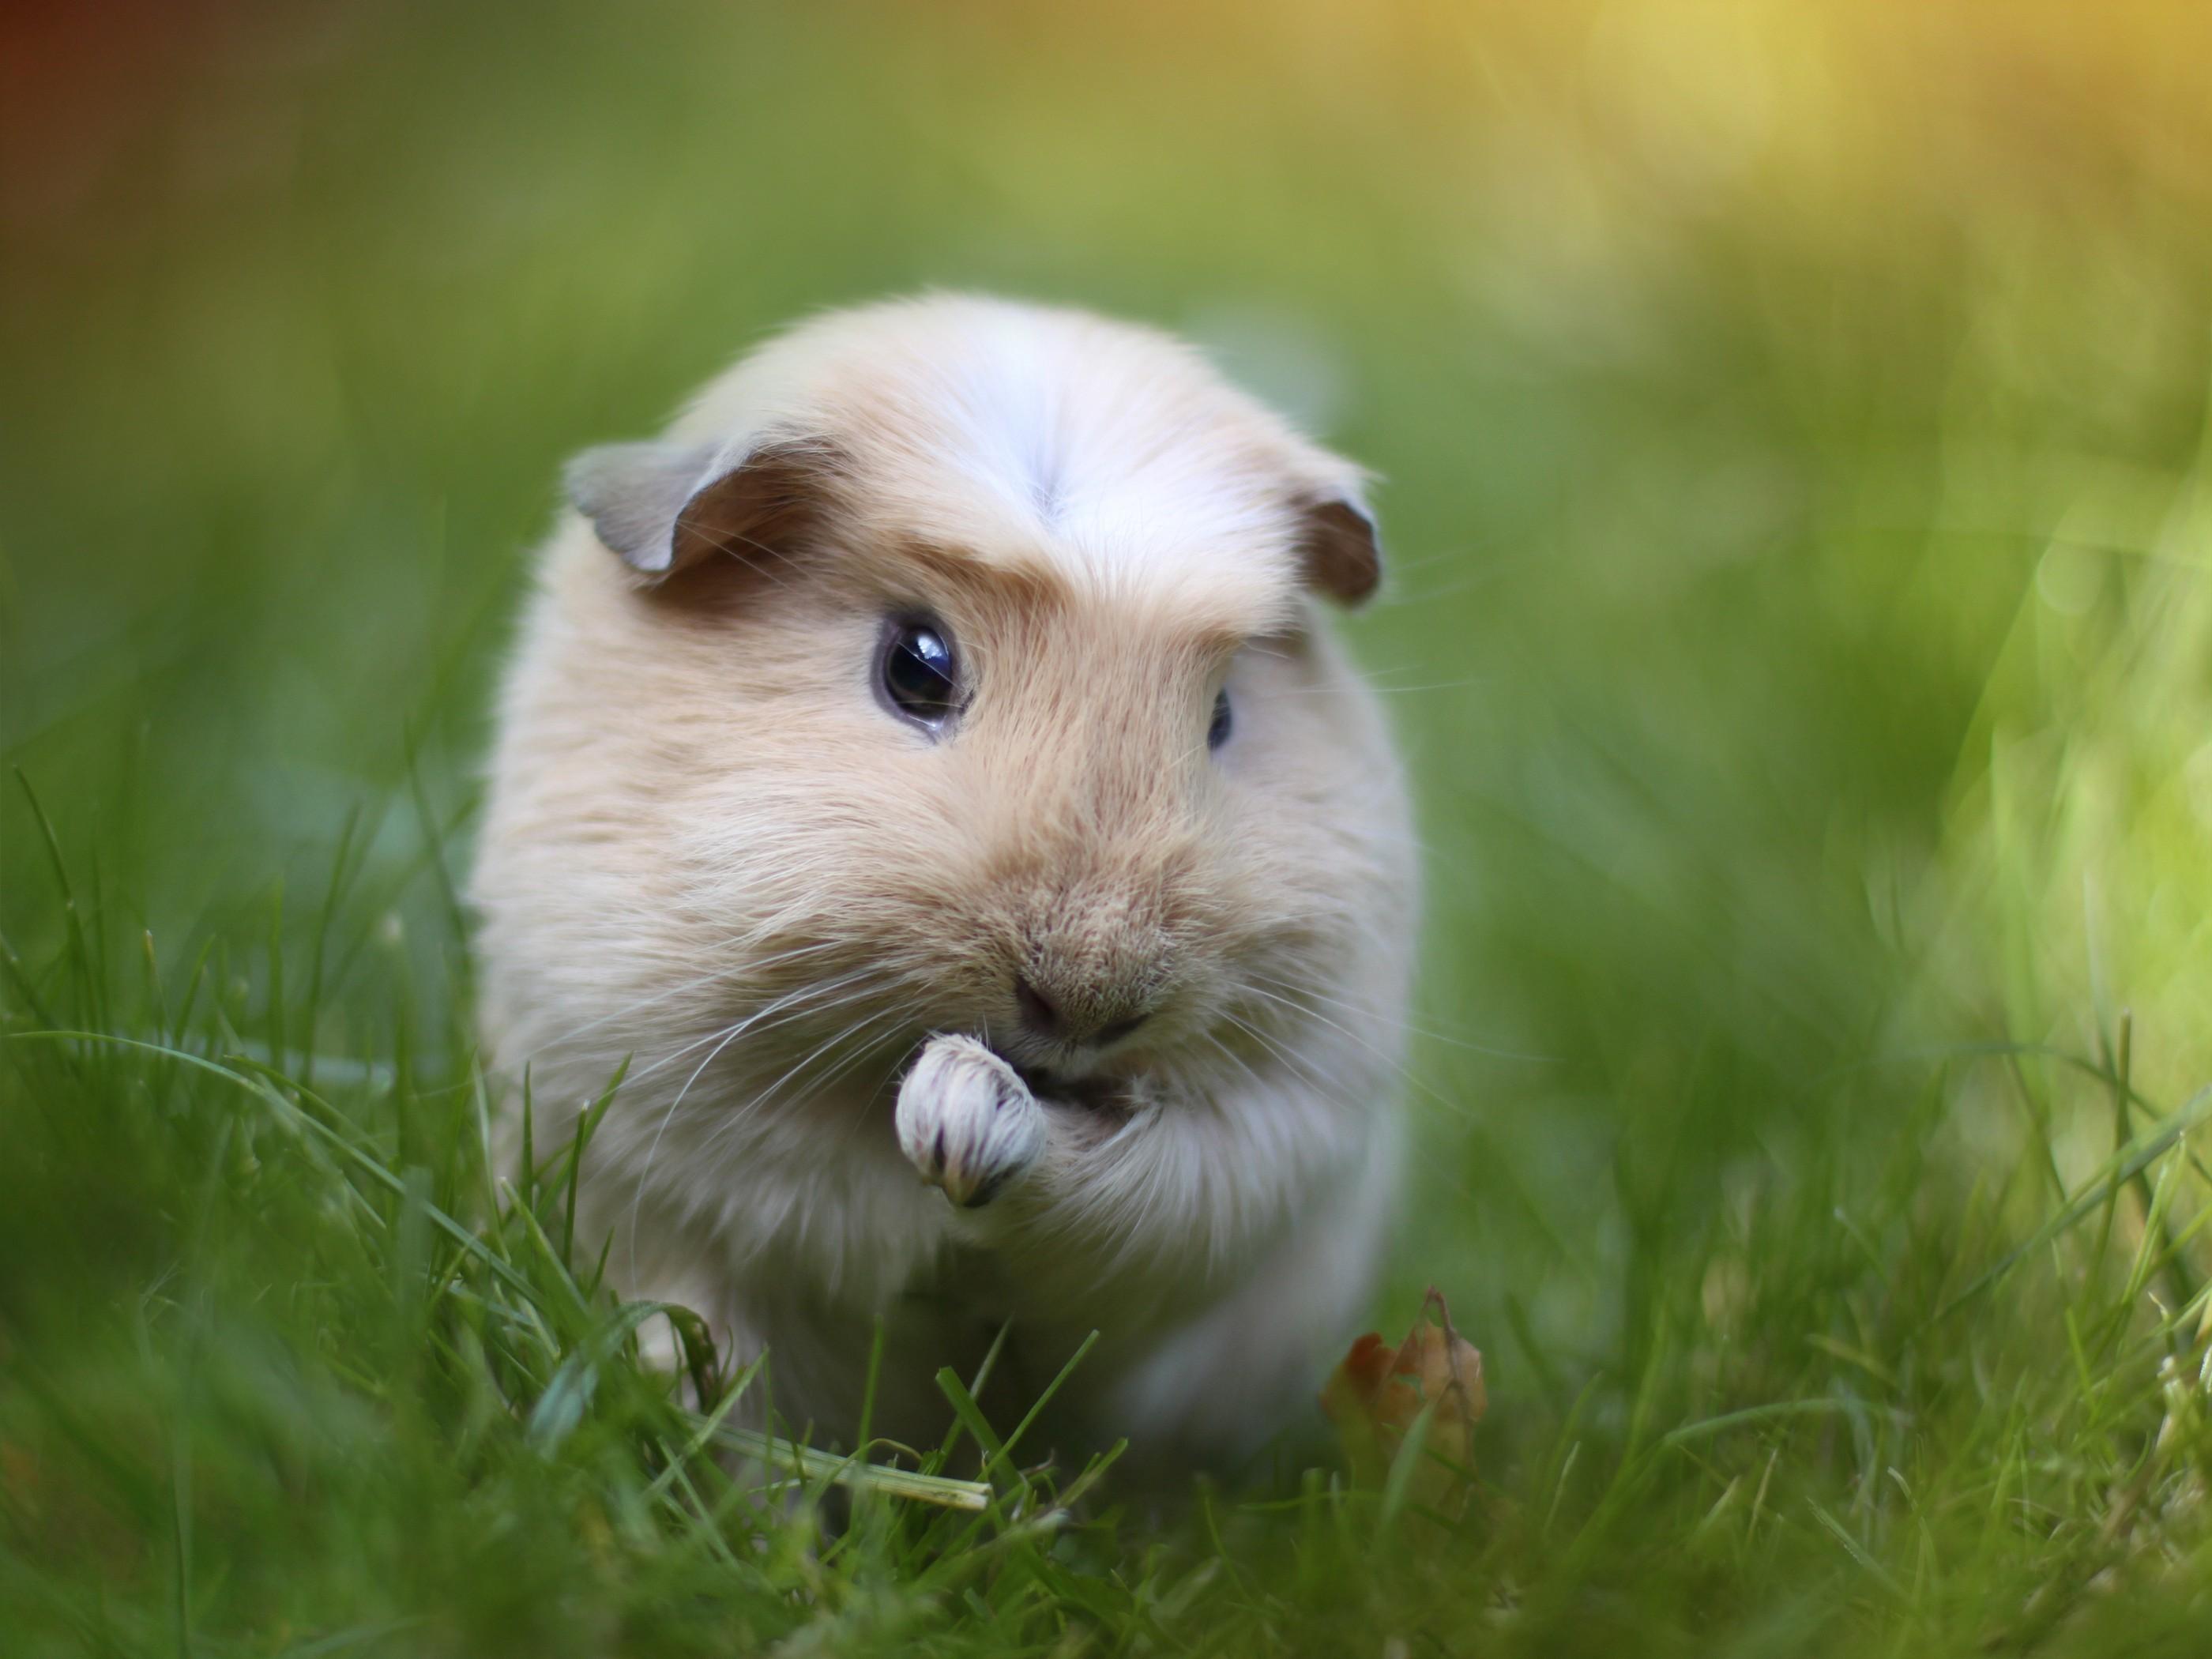 rodent guinea pig close up 184748